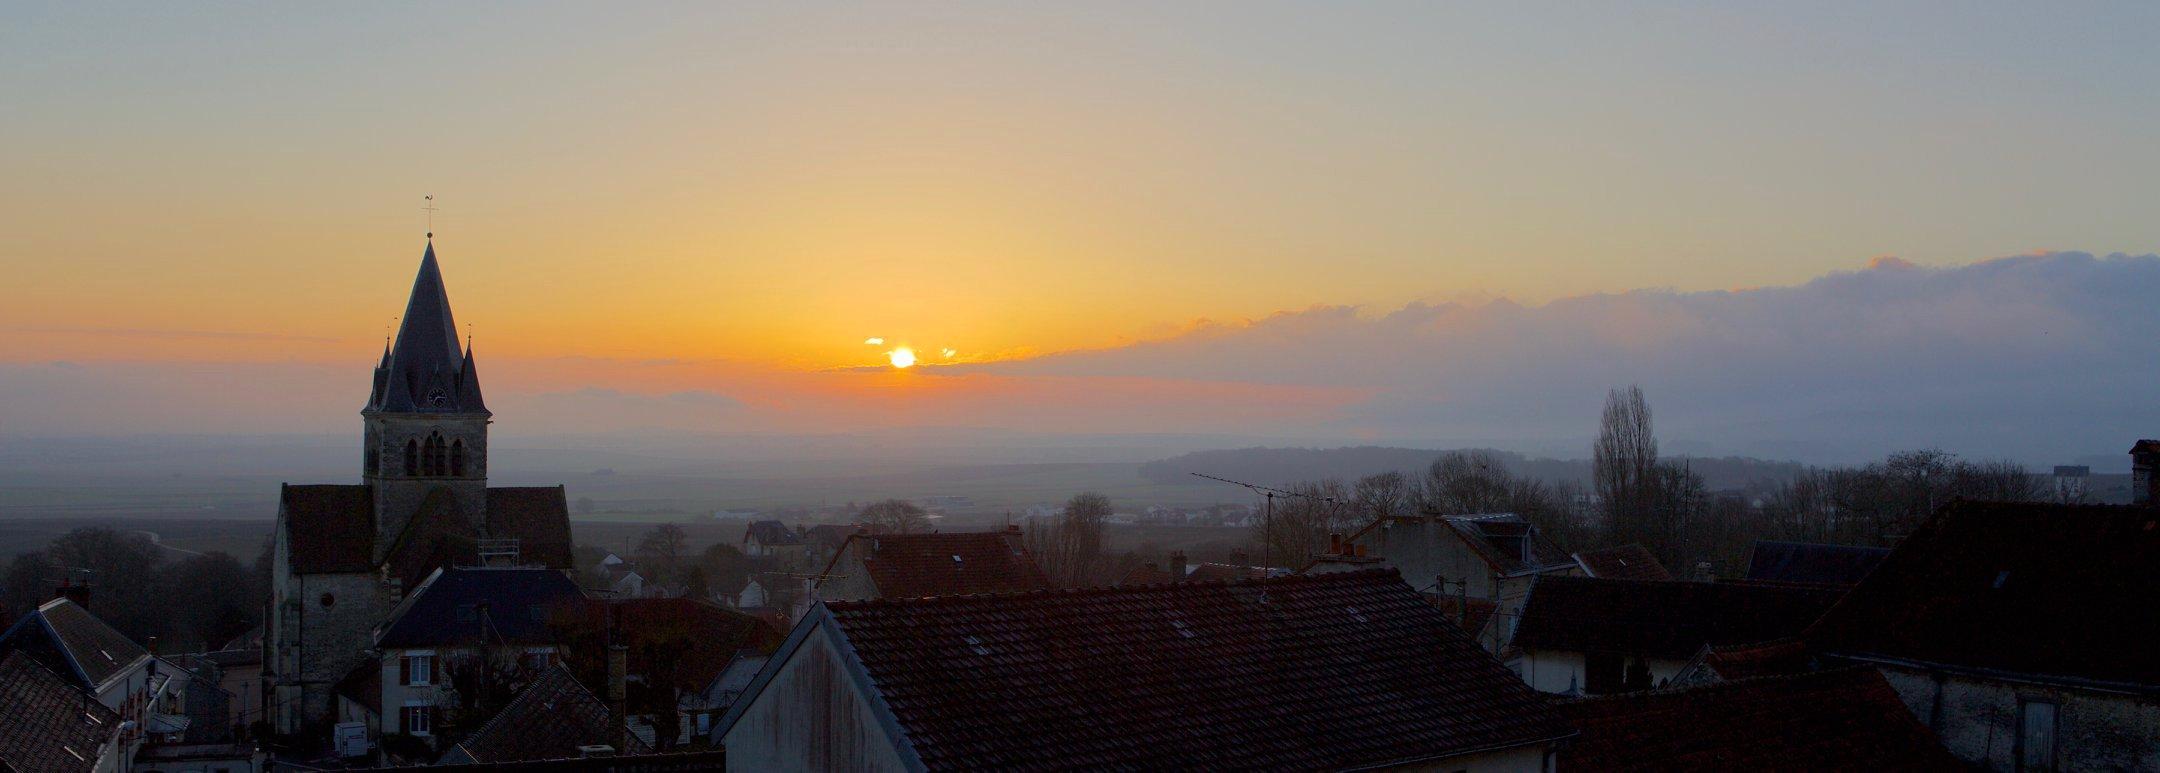 Sunrise in Champagne